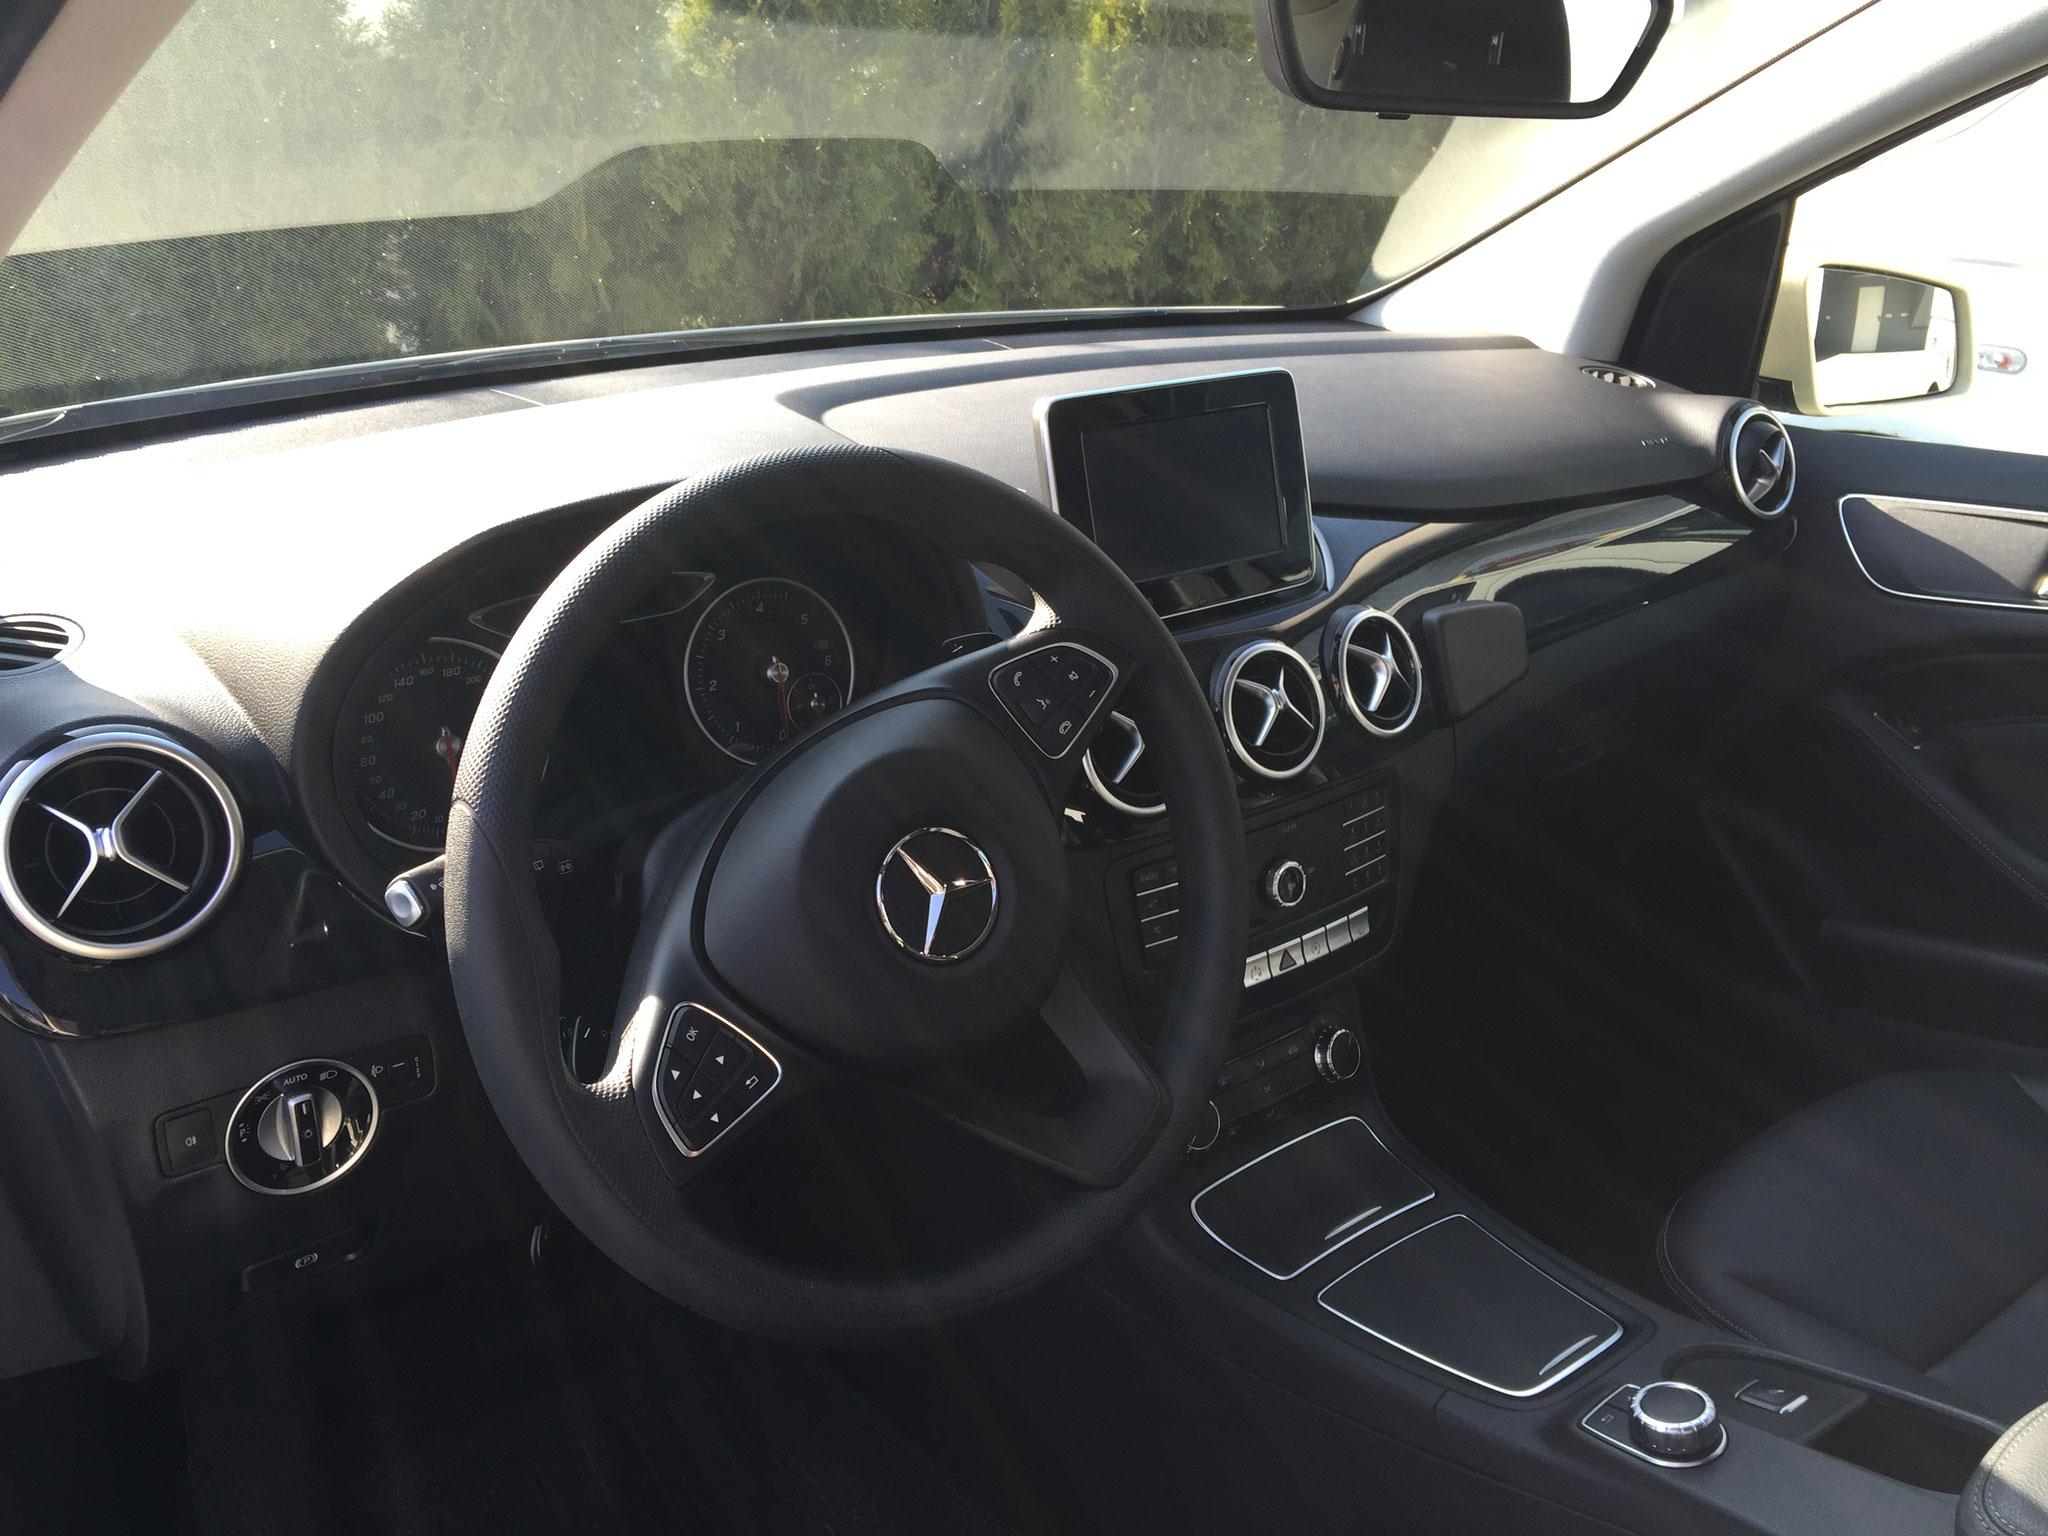 Mercedes B-Klasse, dass komfortable und wendige Taxi